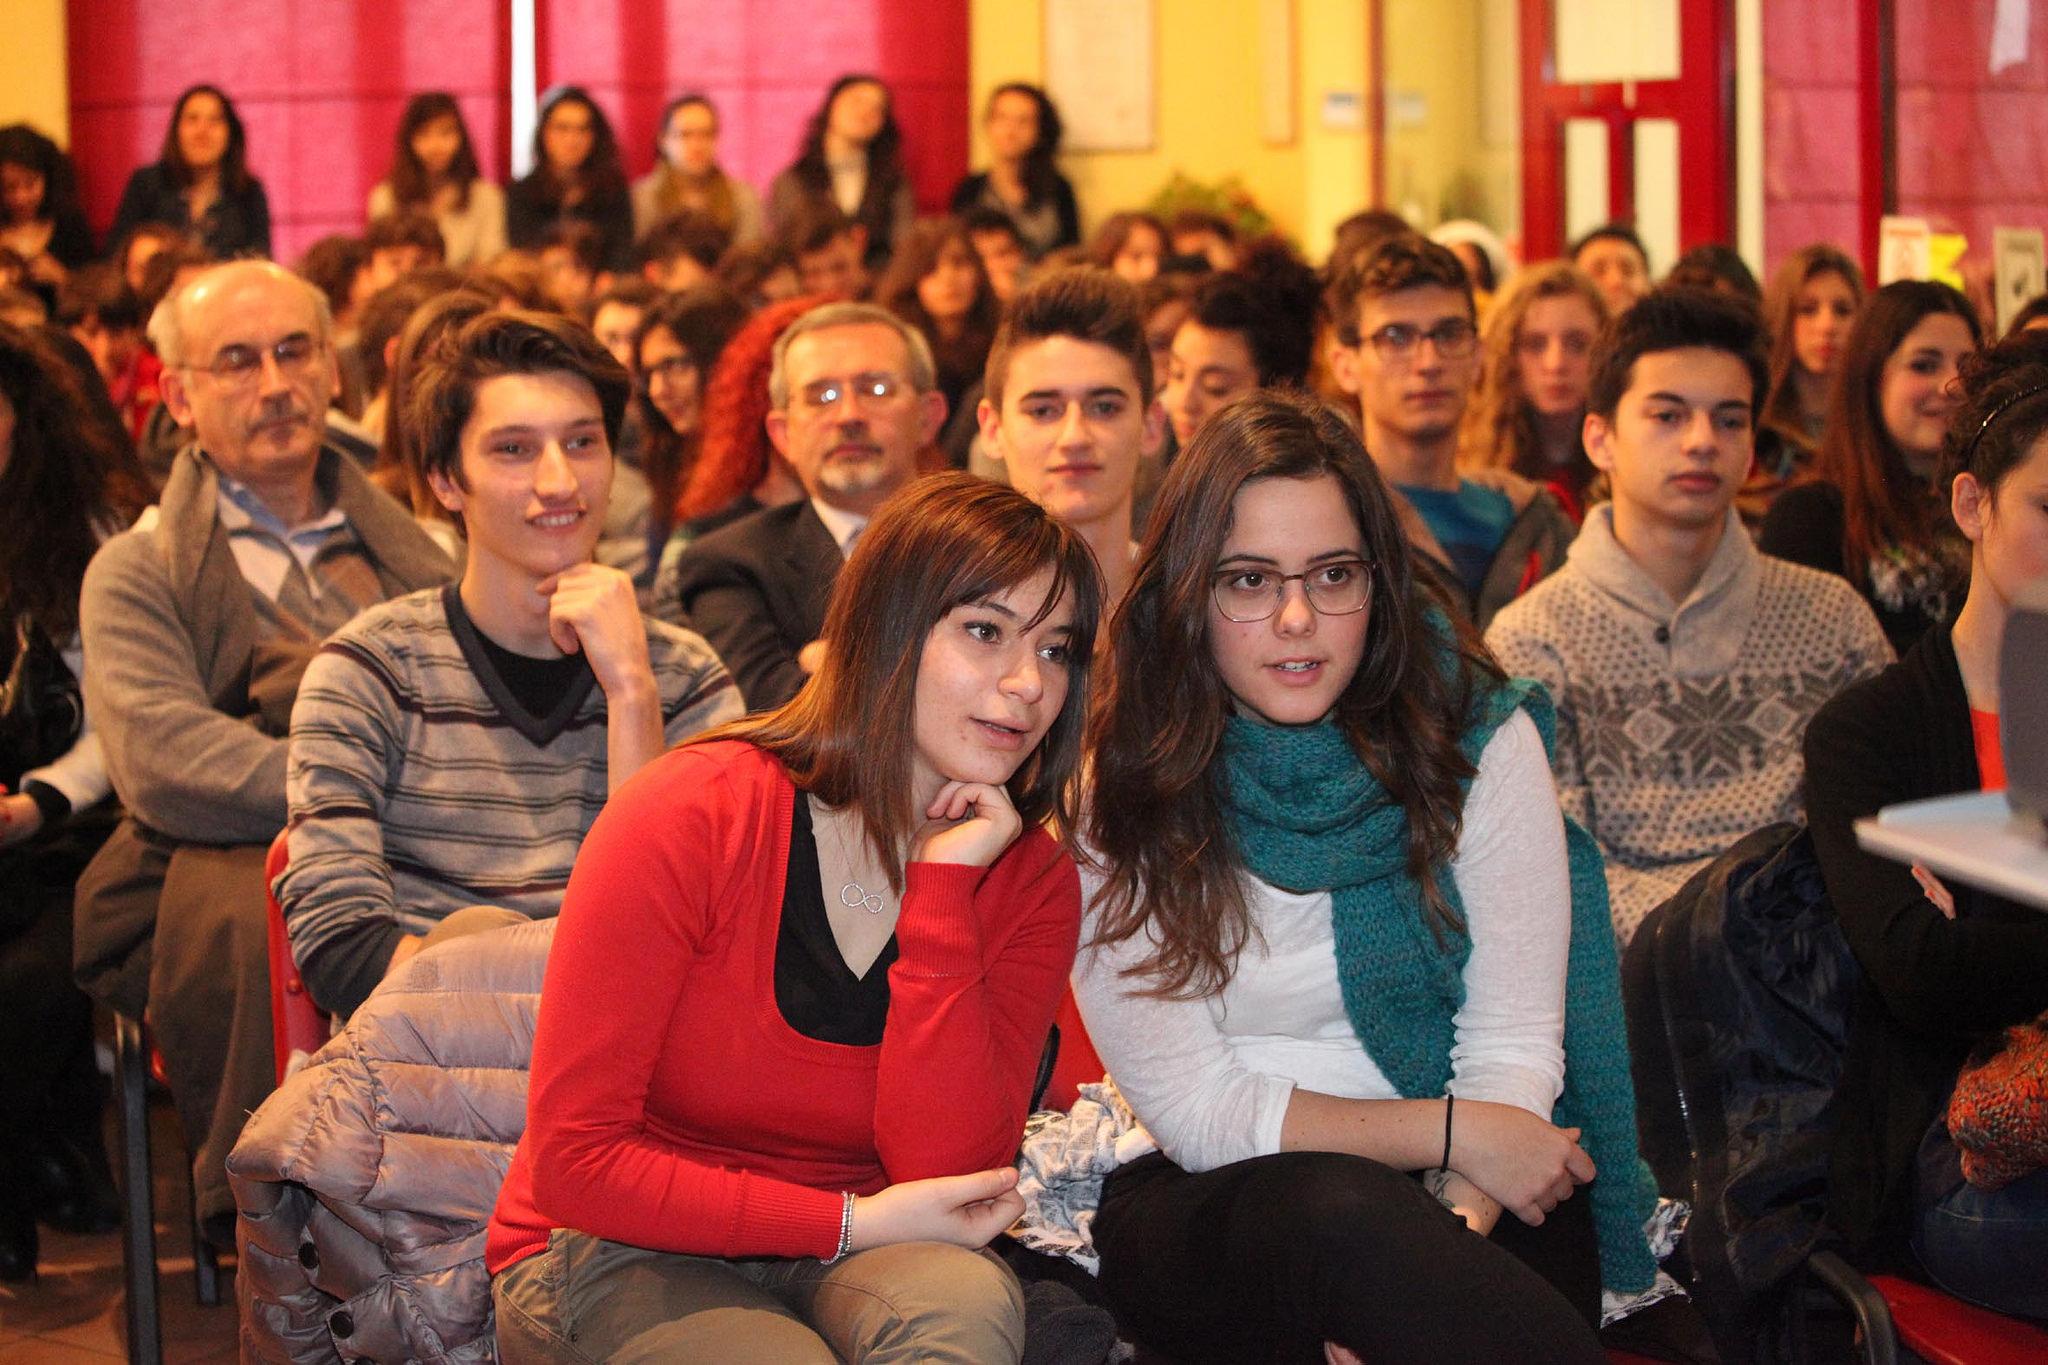 giuria-studentesca-premio-2014